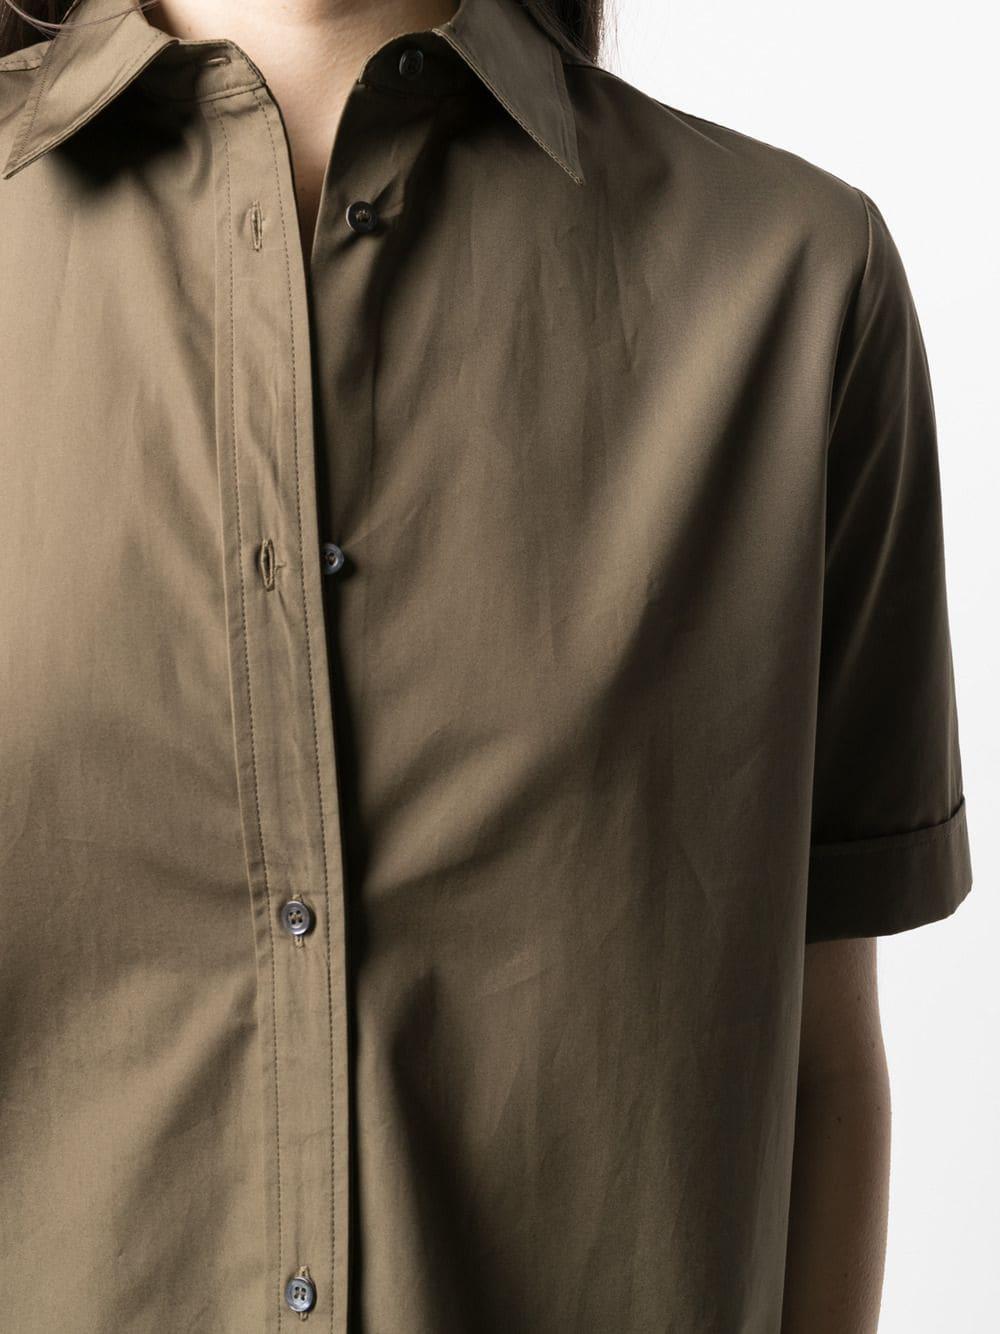 Brown cotton short-sleeved button placket shirt  ASPESI |  | H719-D30785237